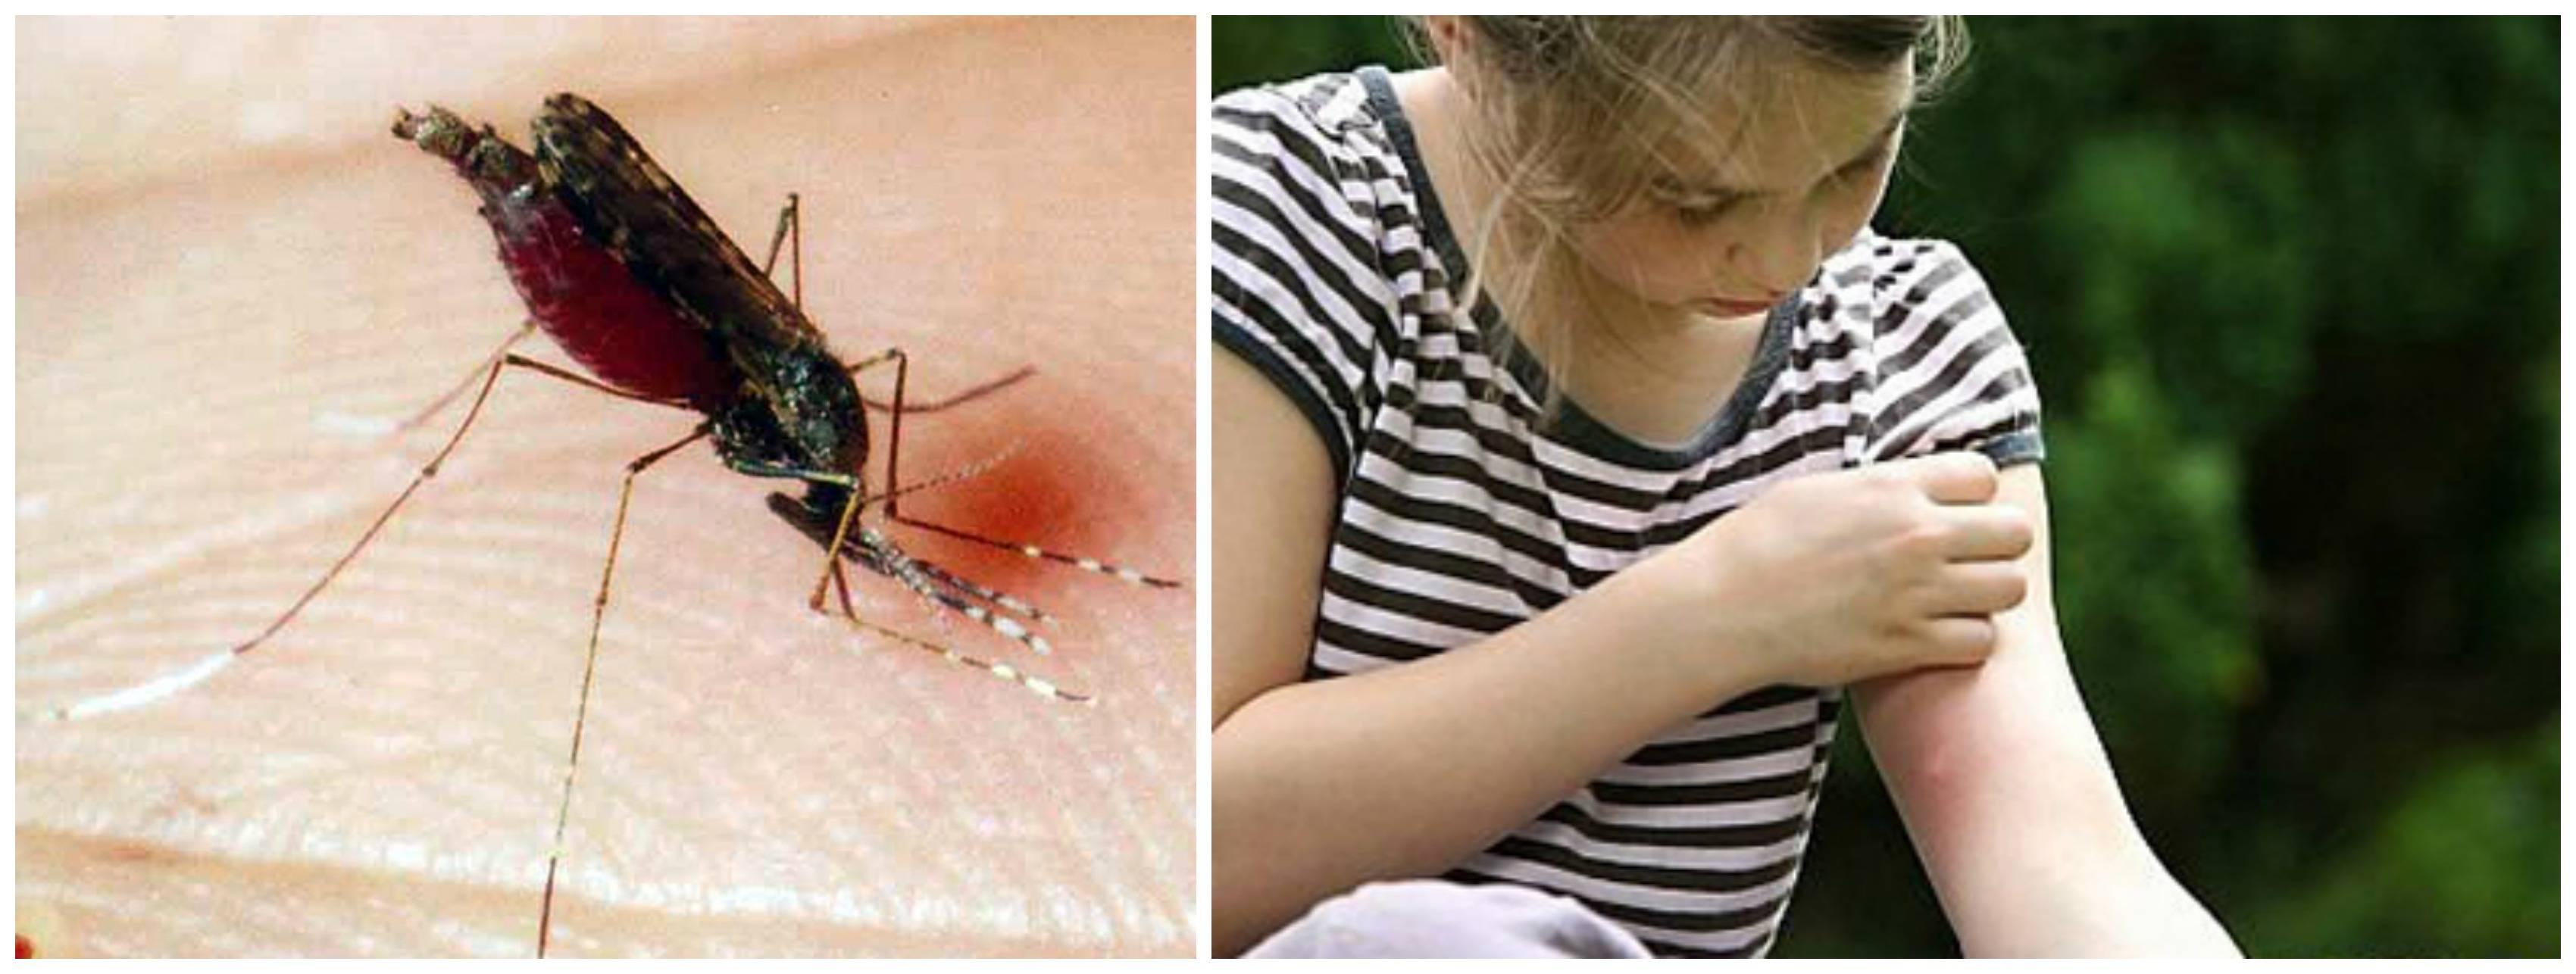 Реакция на укусы насекомых у детей: как лечить и предотвратить    yamama